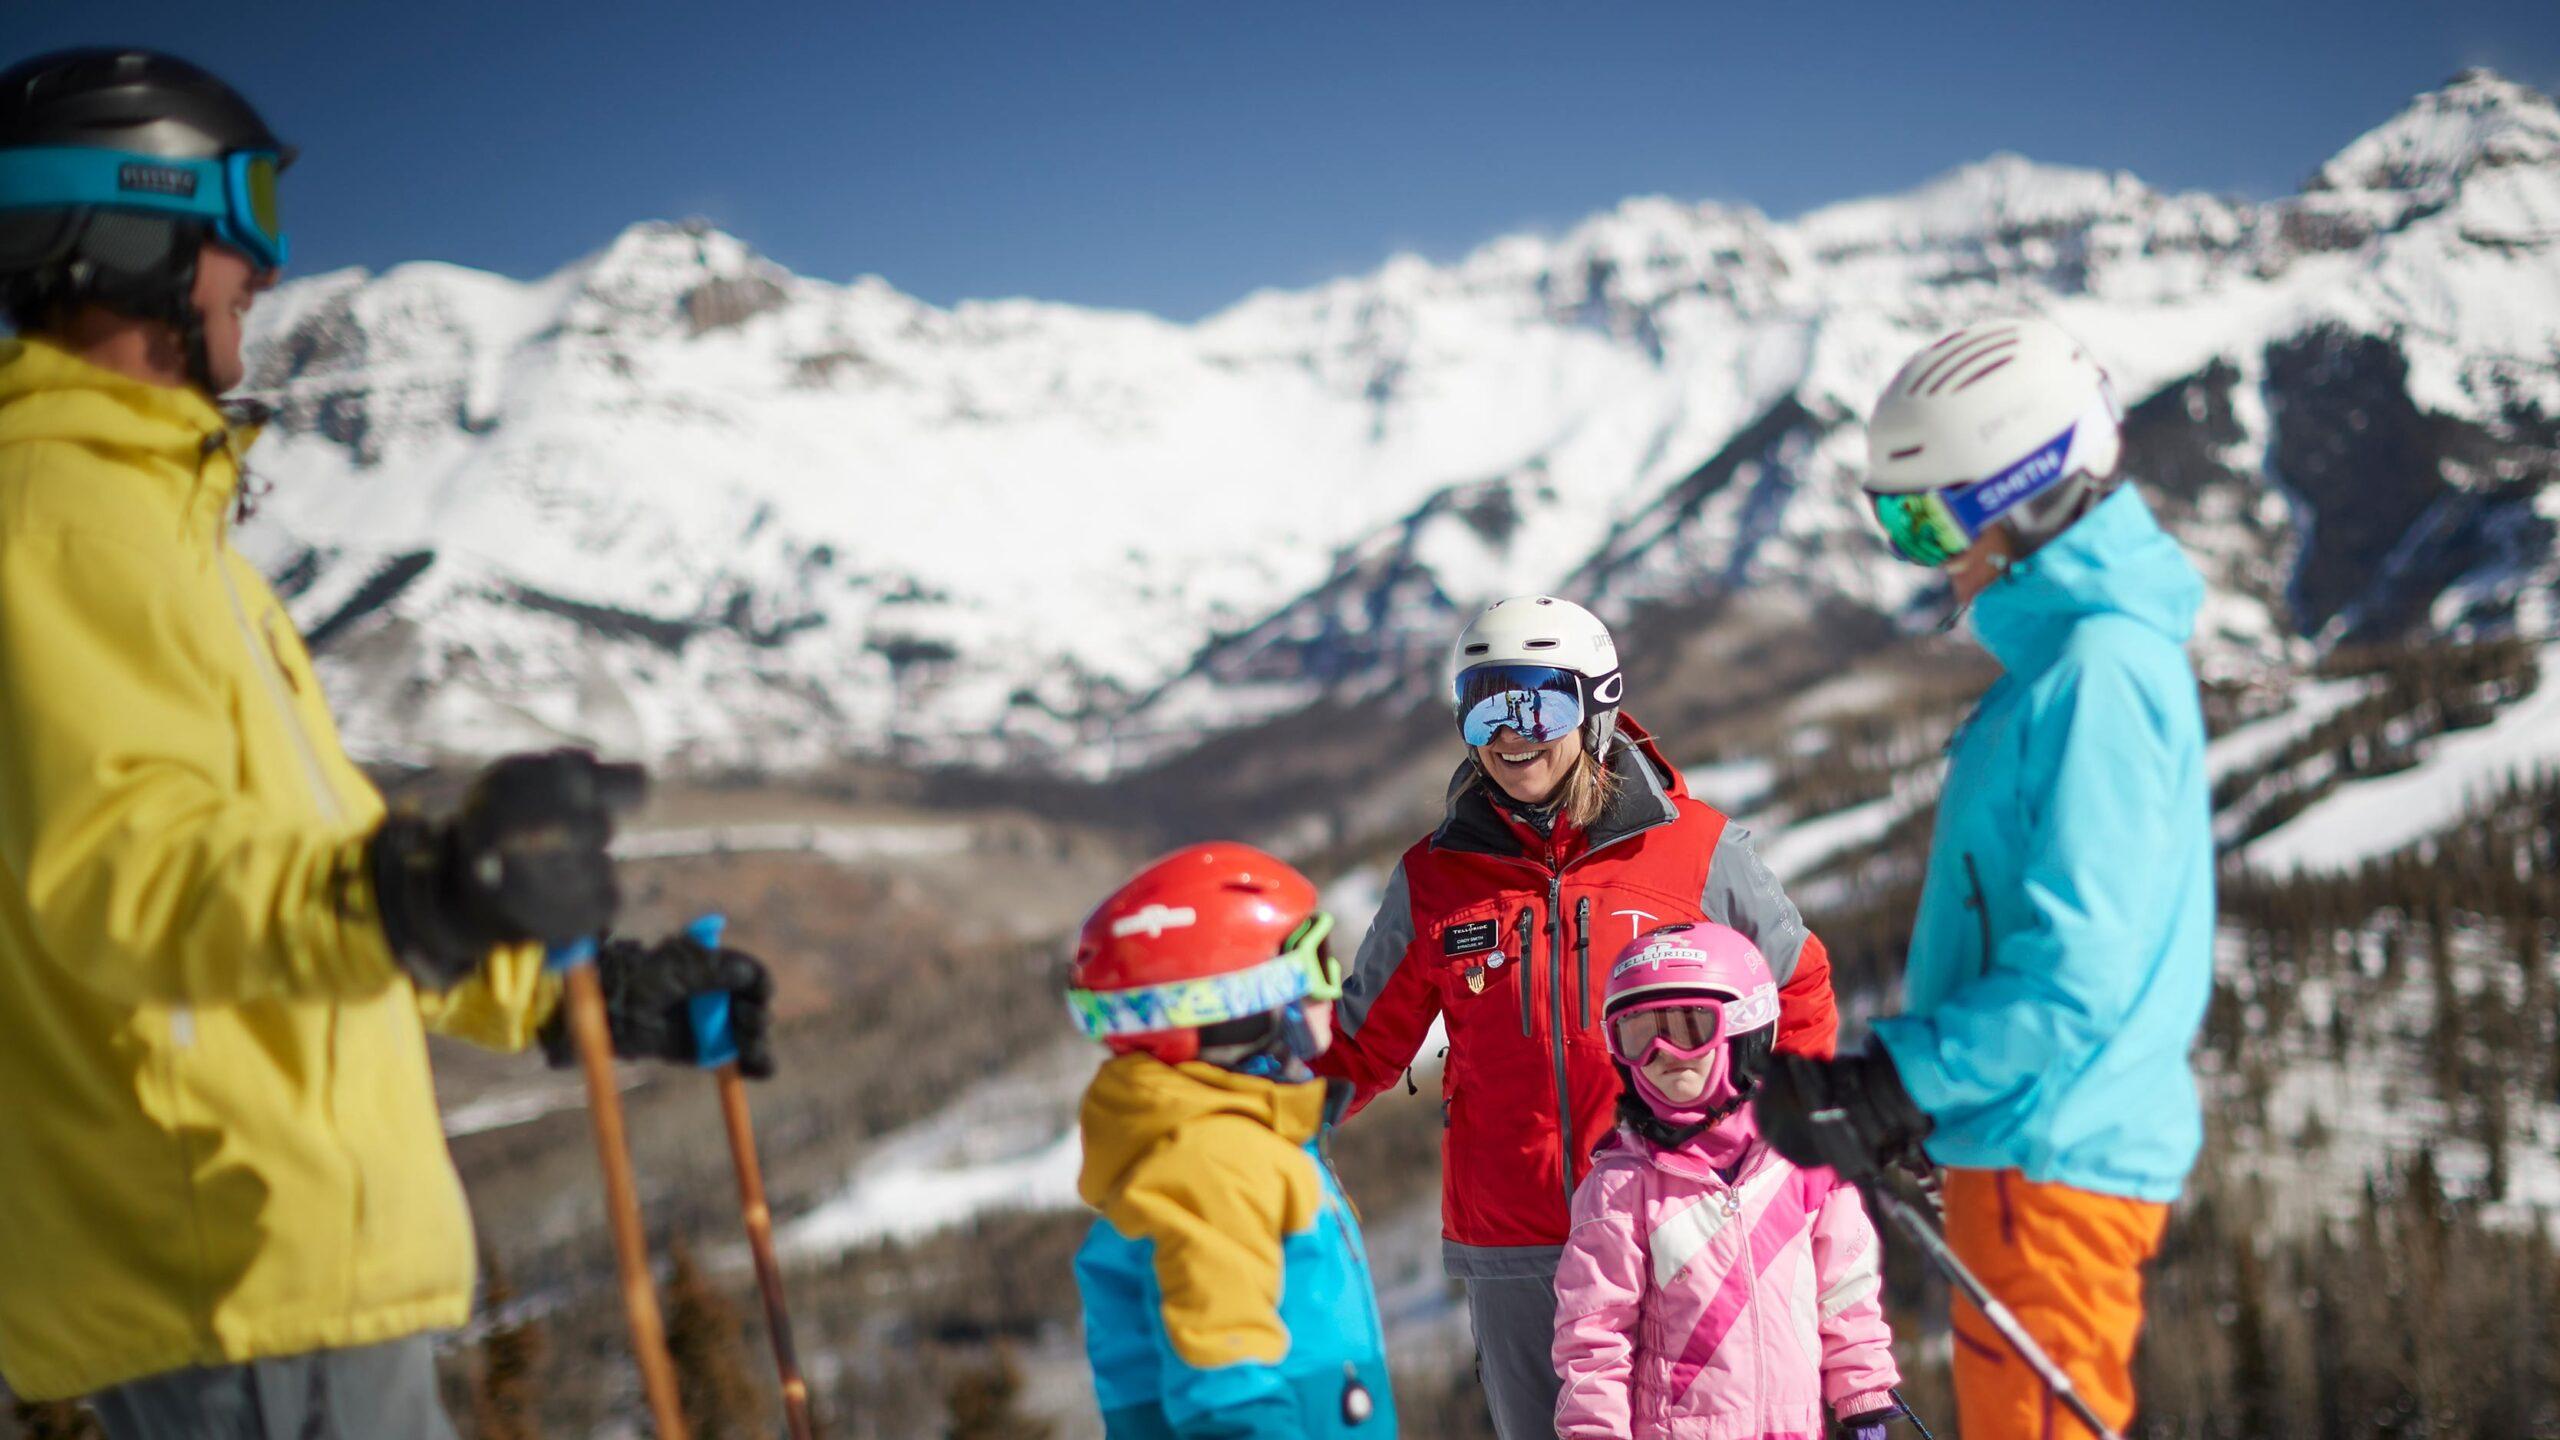 Ski School Family